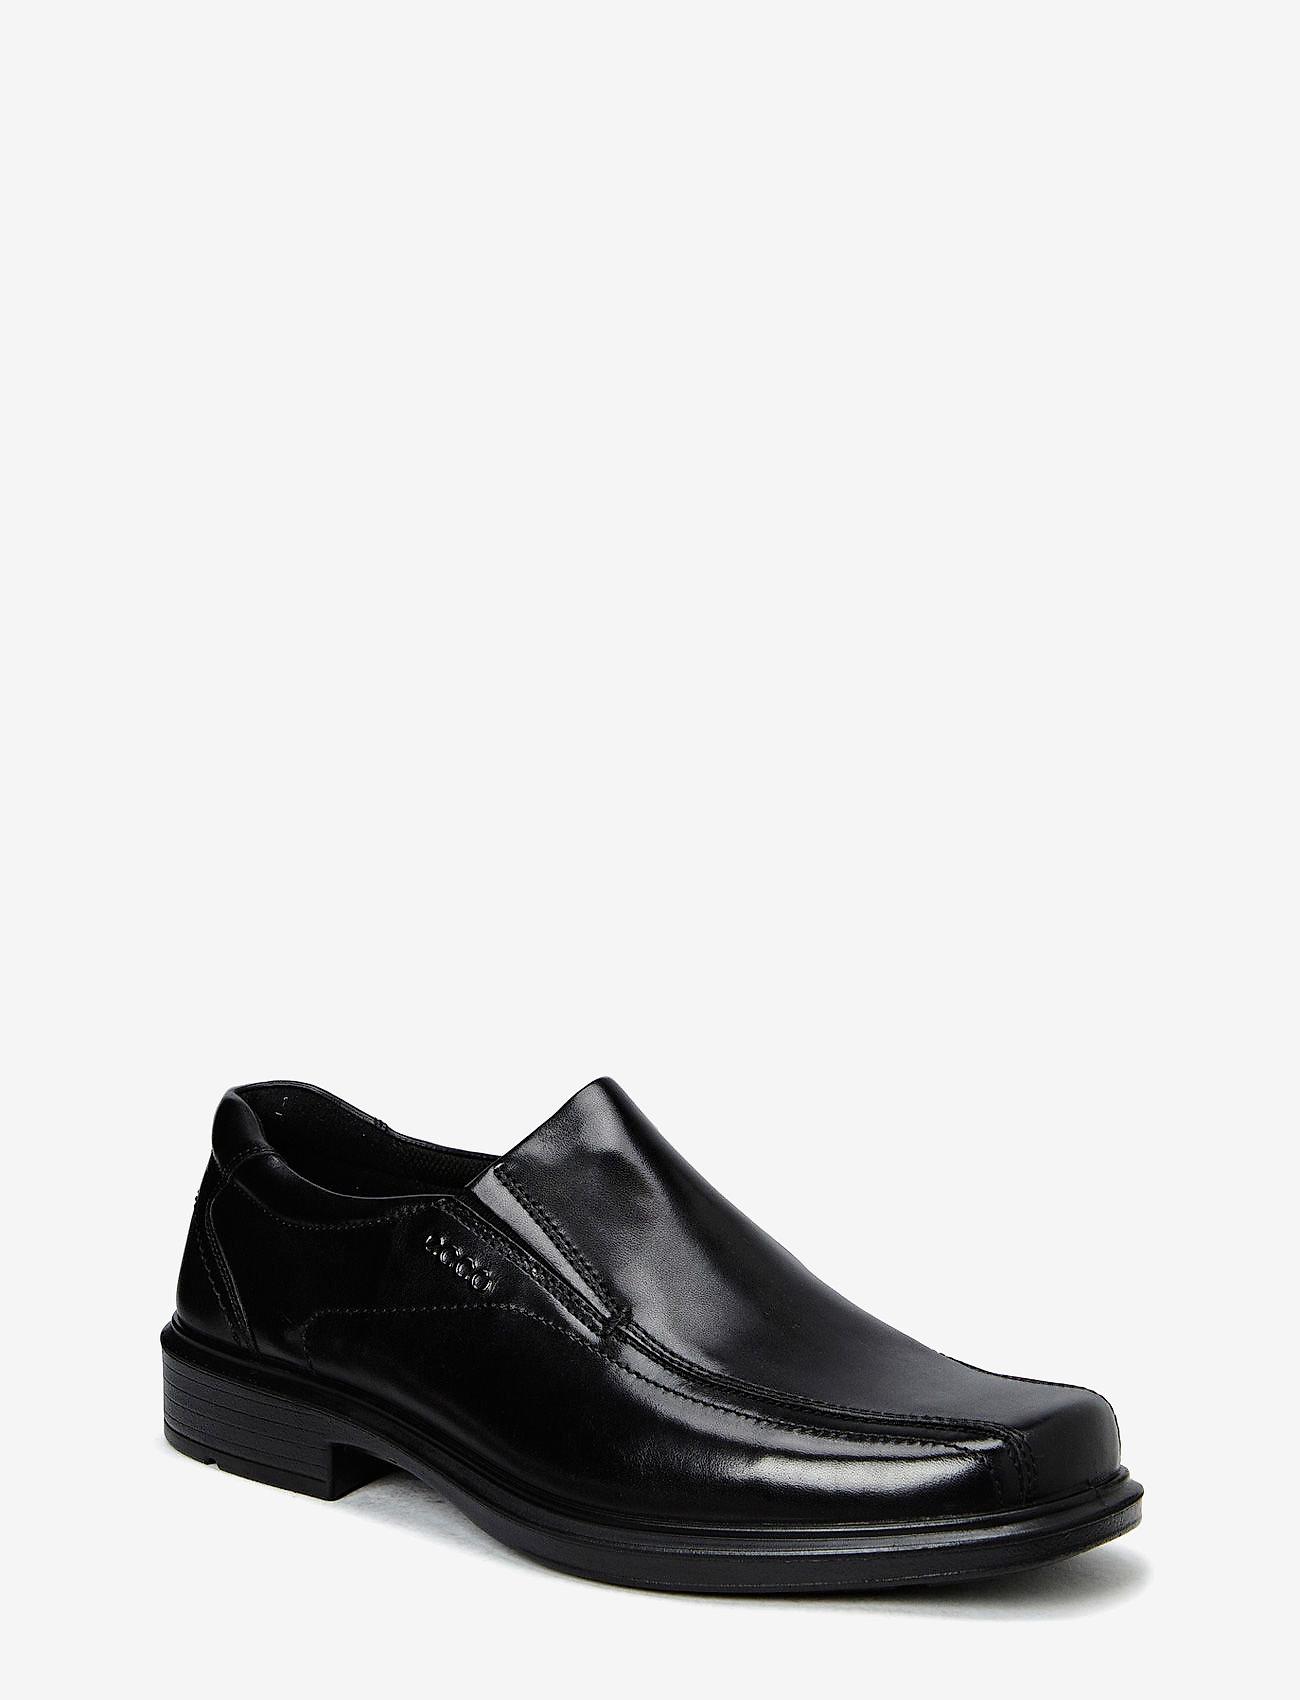 ECCO - HELSINKI - loafers - black